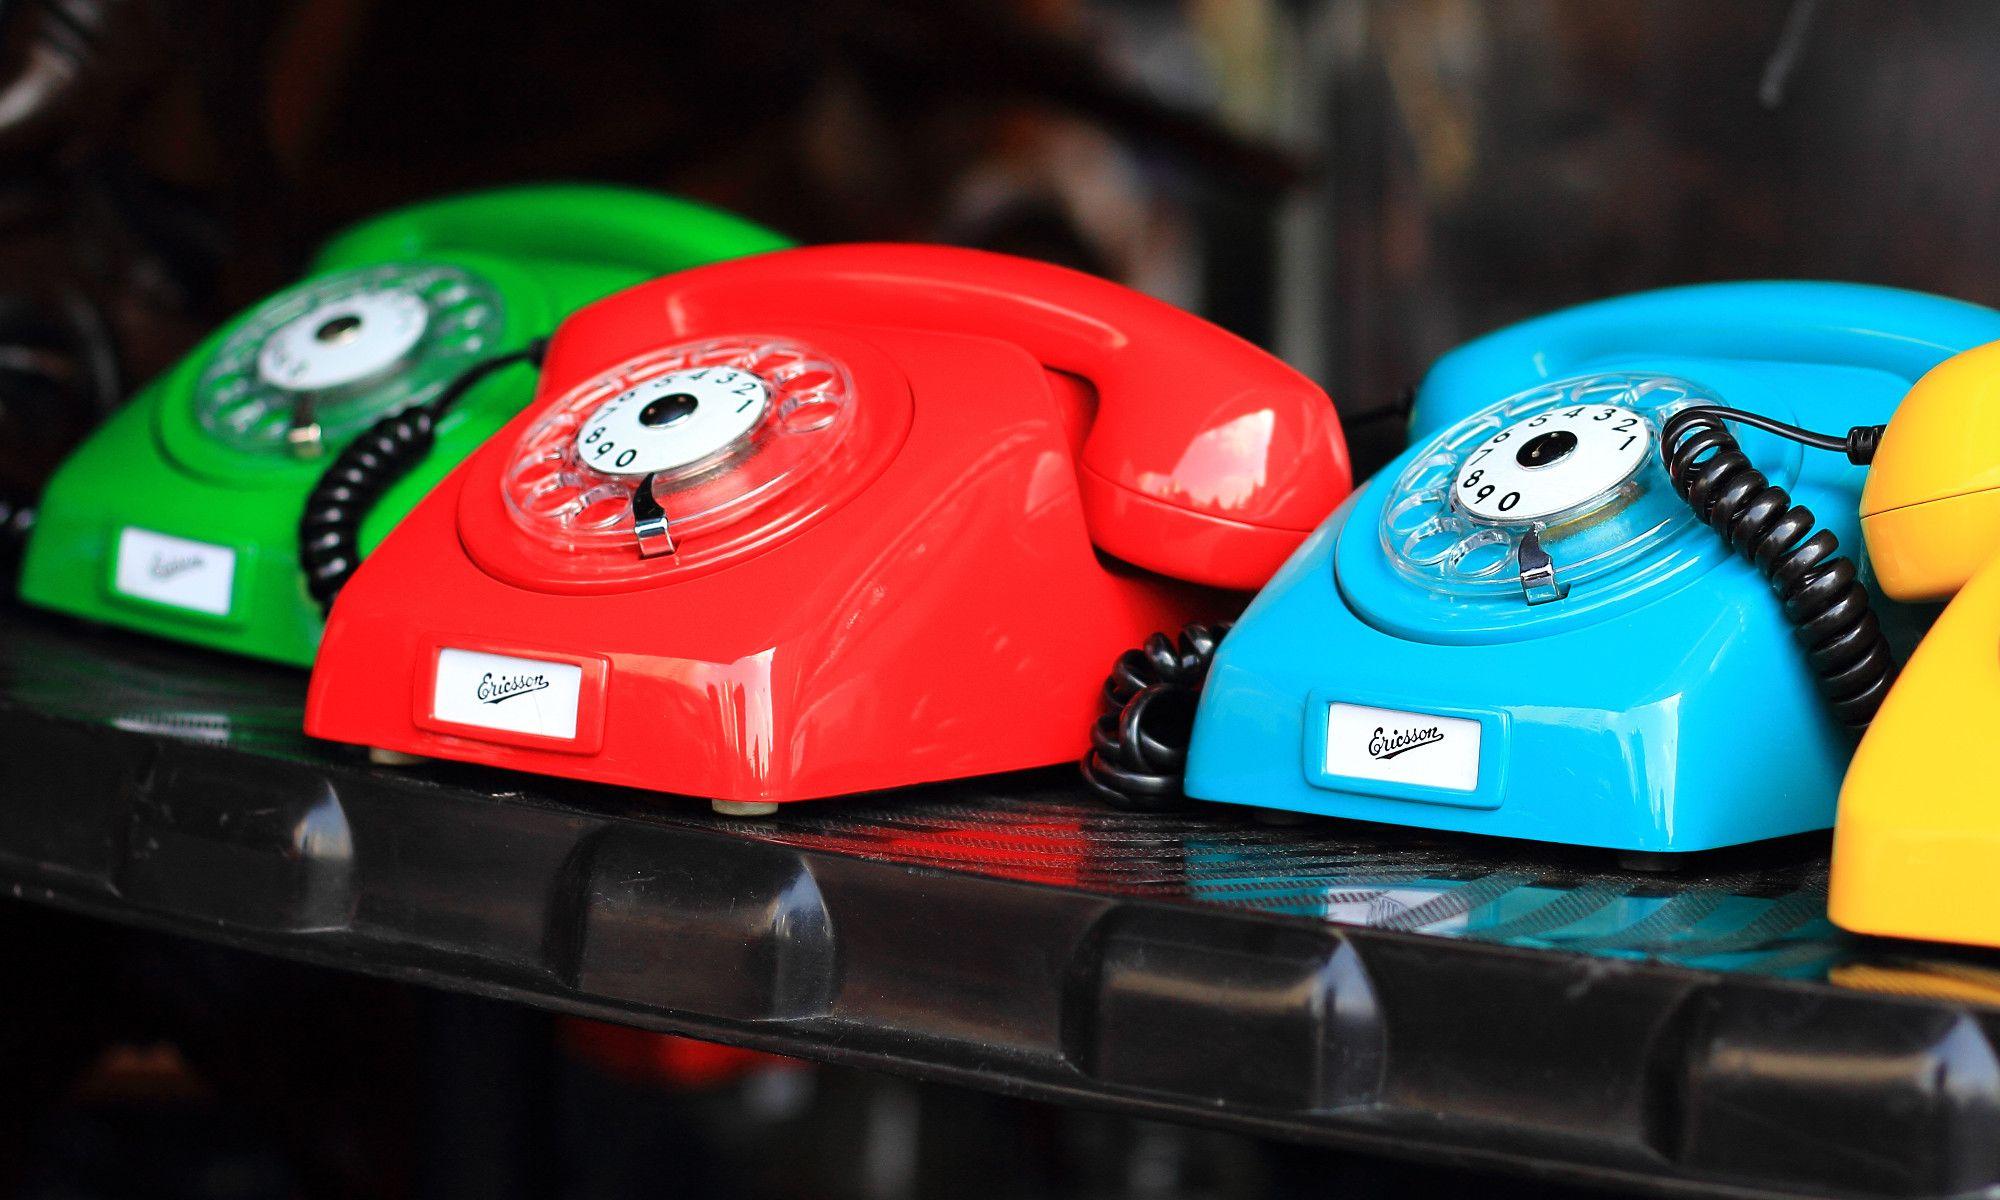 Telefonos de colores